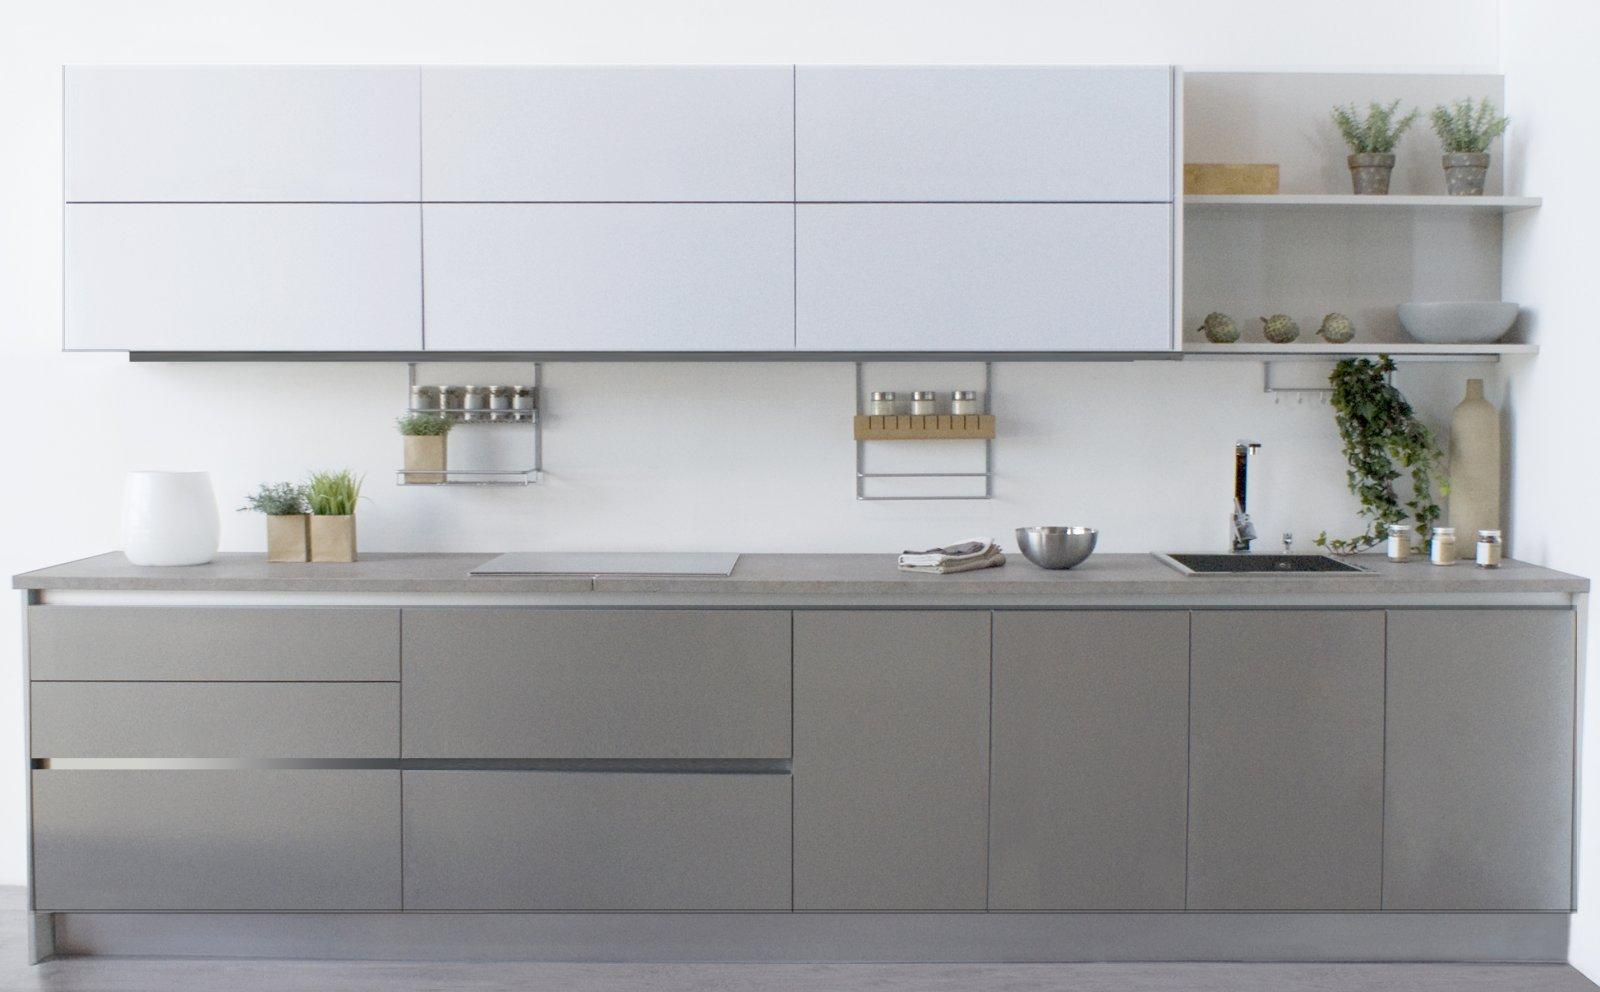 Crea tu cocina a medida con tpc cocinas decoraci n del hogar - Medidas encimera cocina ...